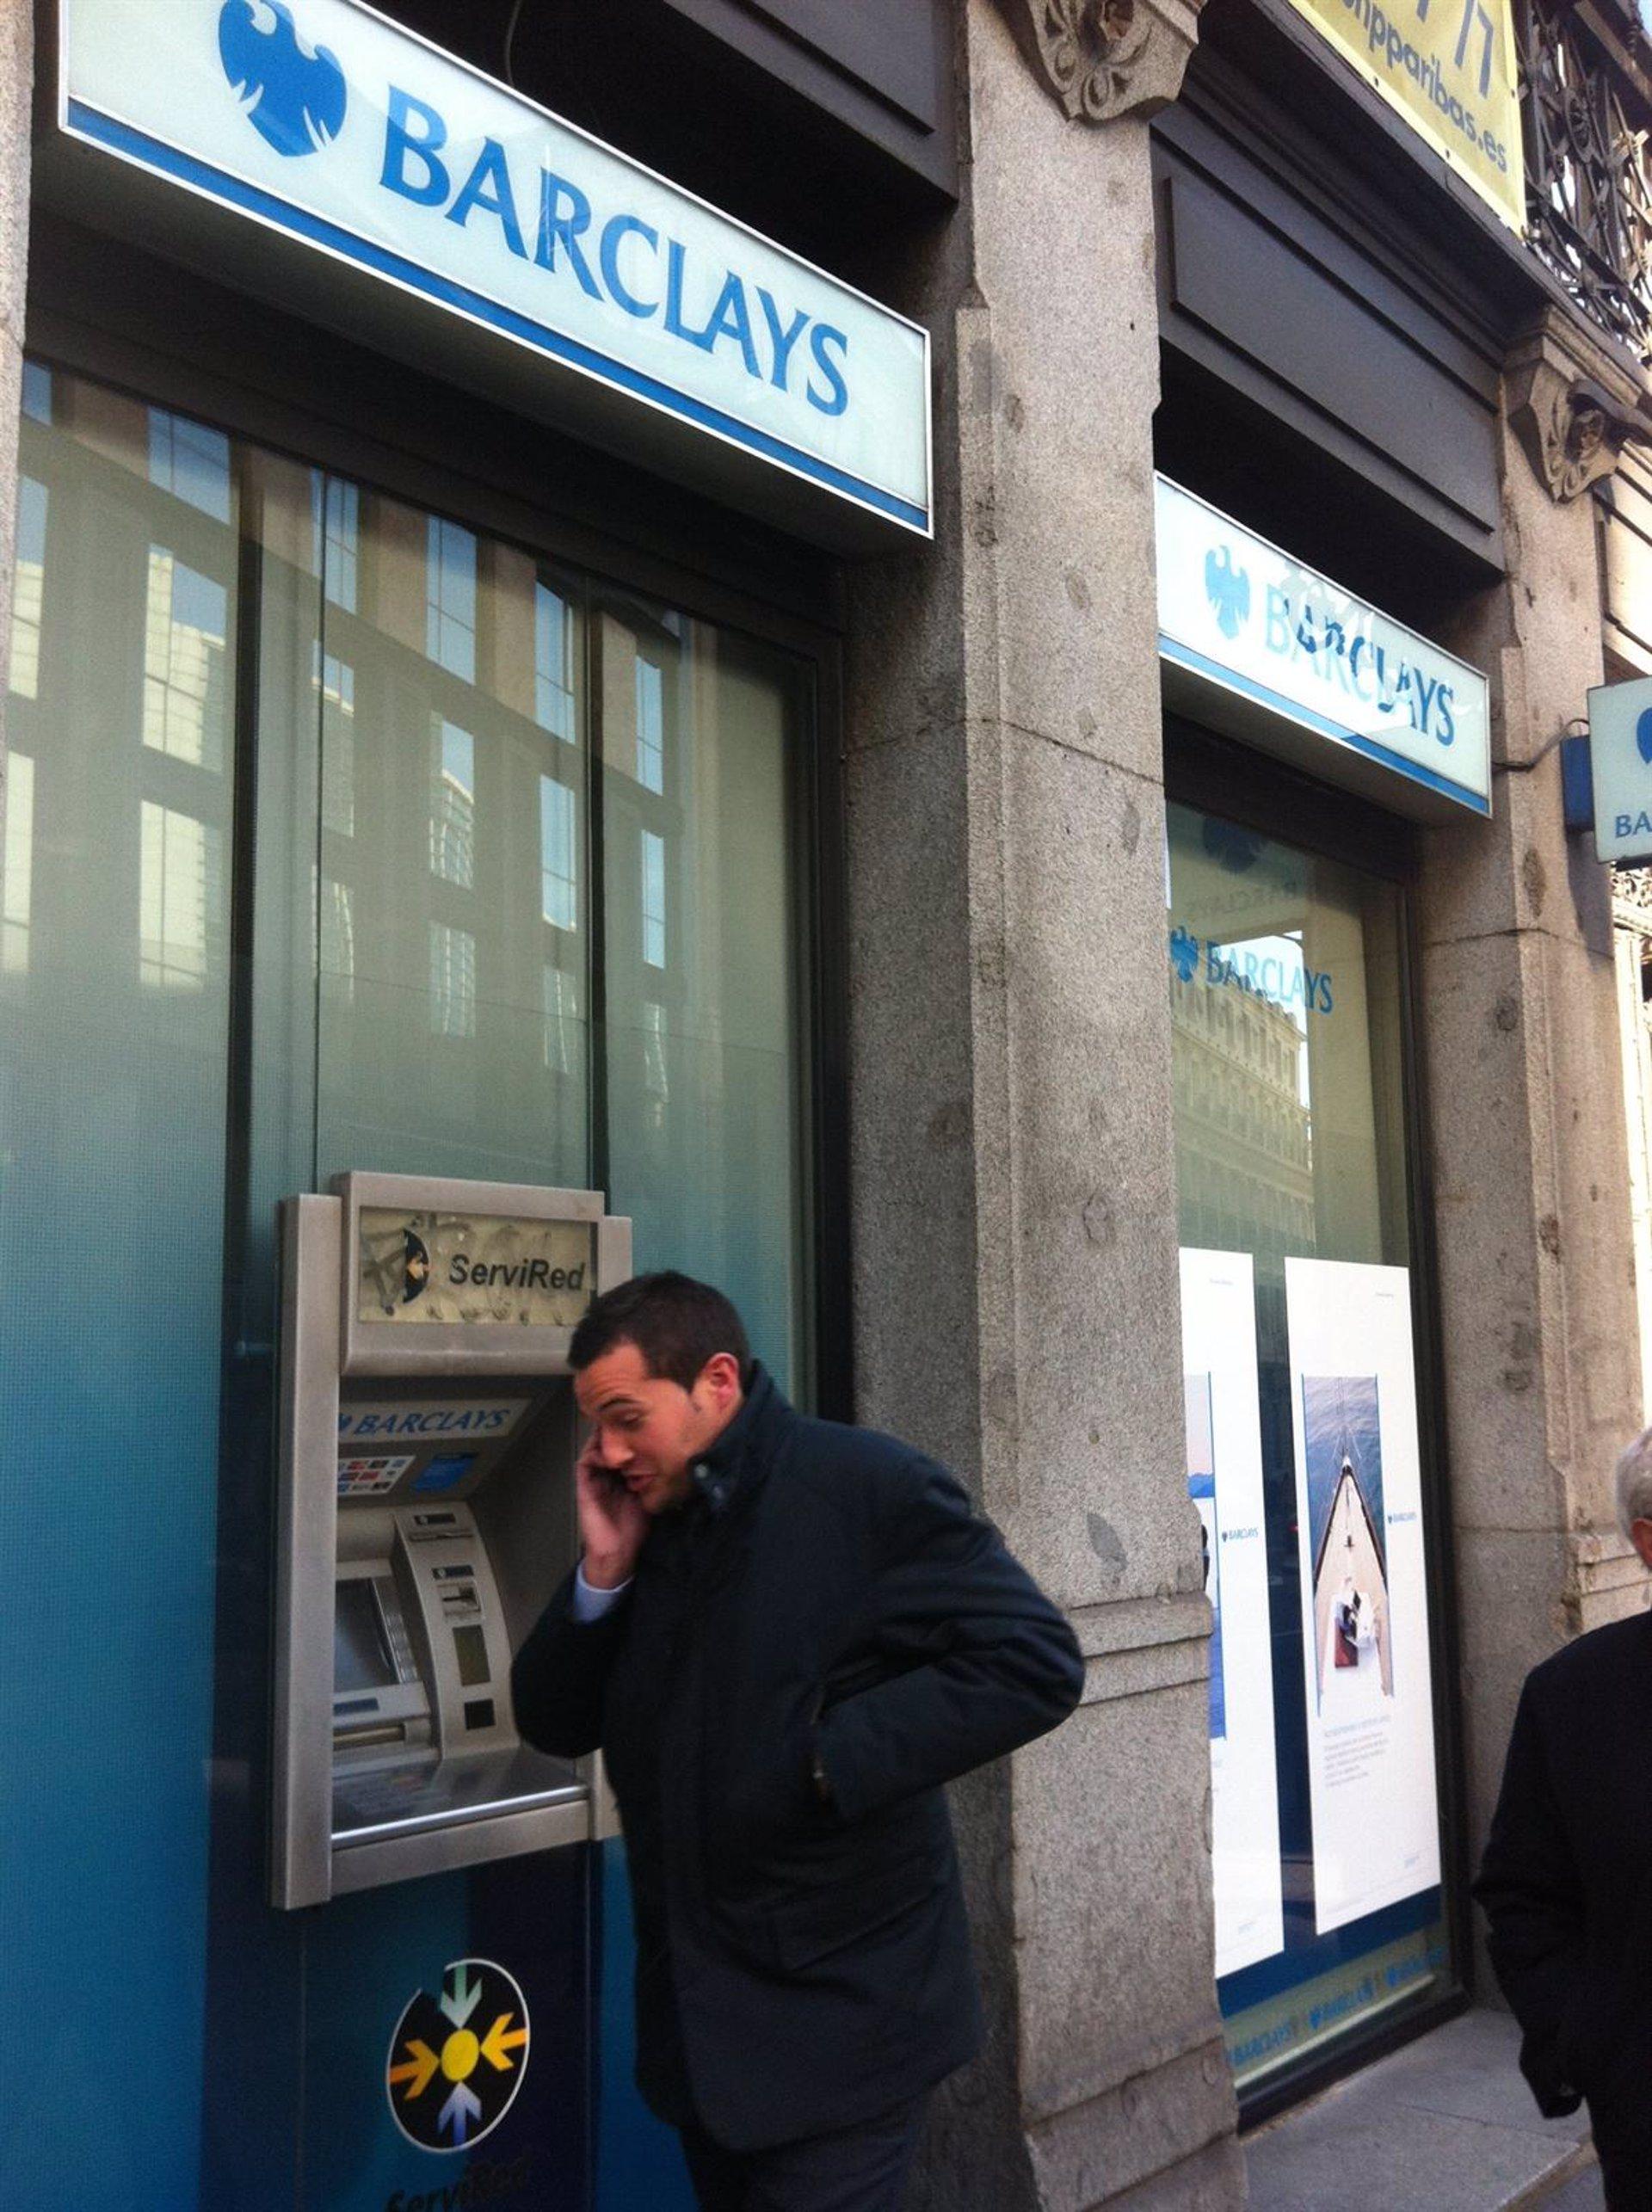 Concluye sin acuerdo el primer periodo de consultas sobre for Barclays oficinas madrid